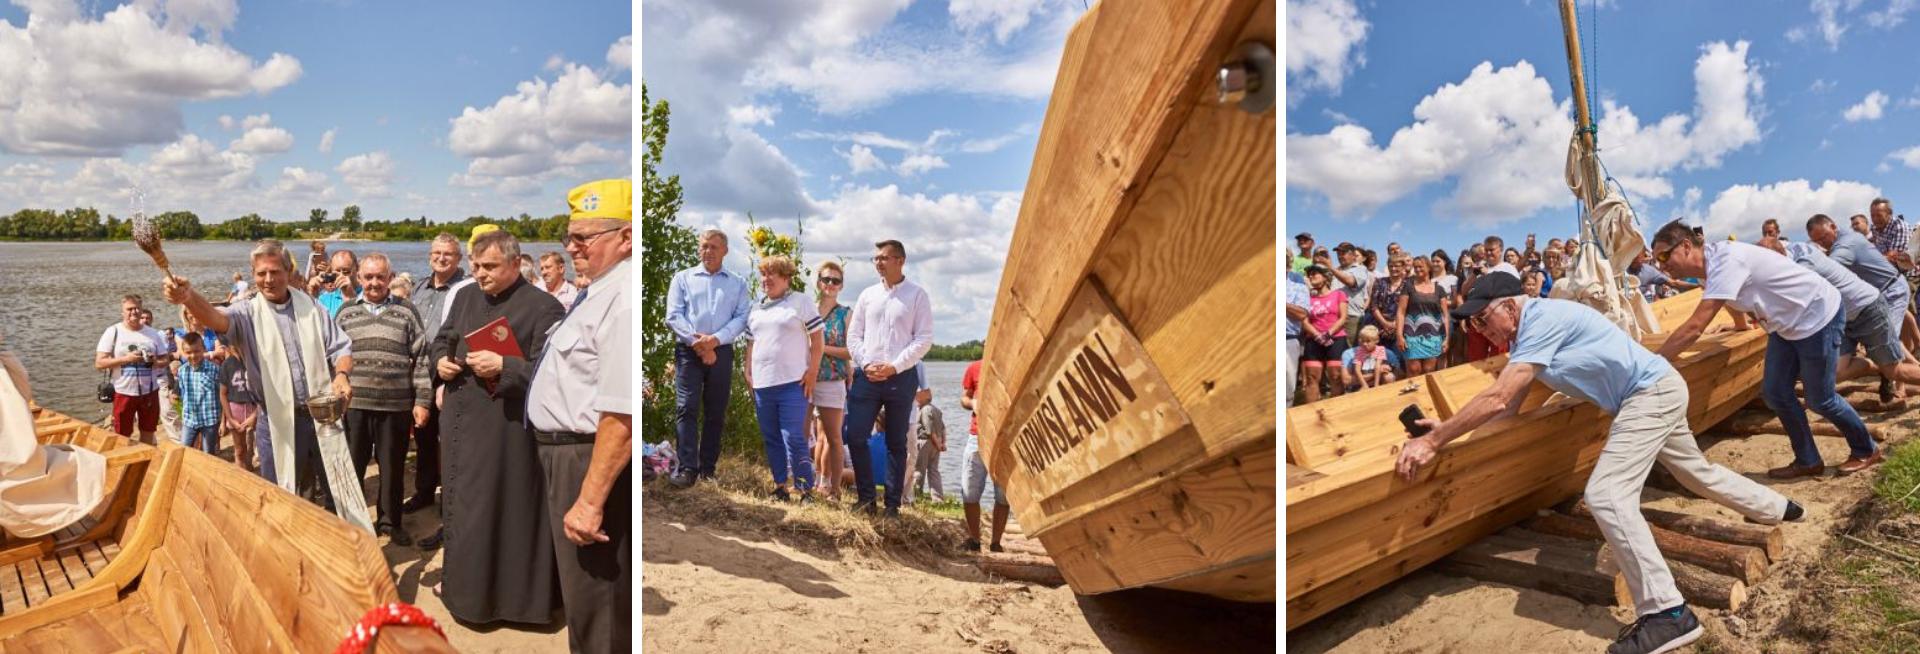 Zbudowaliśmy łódź marzeń!